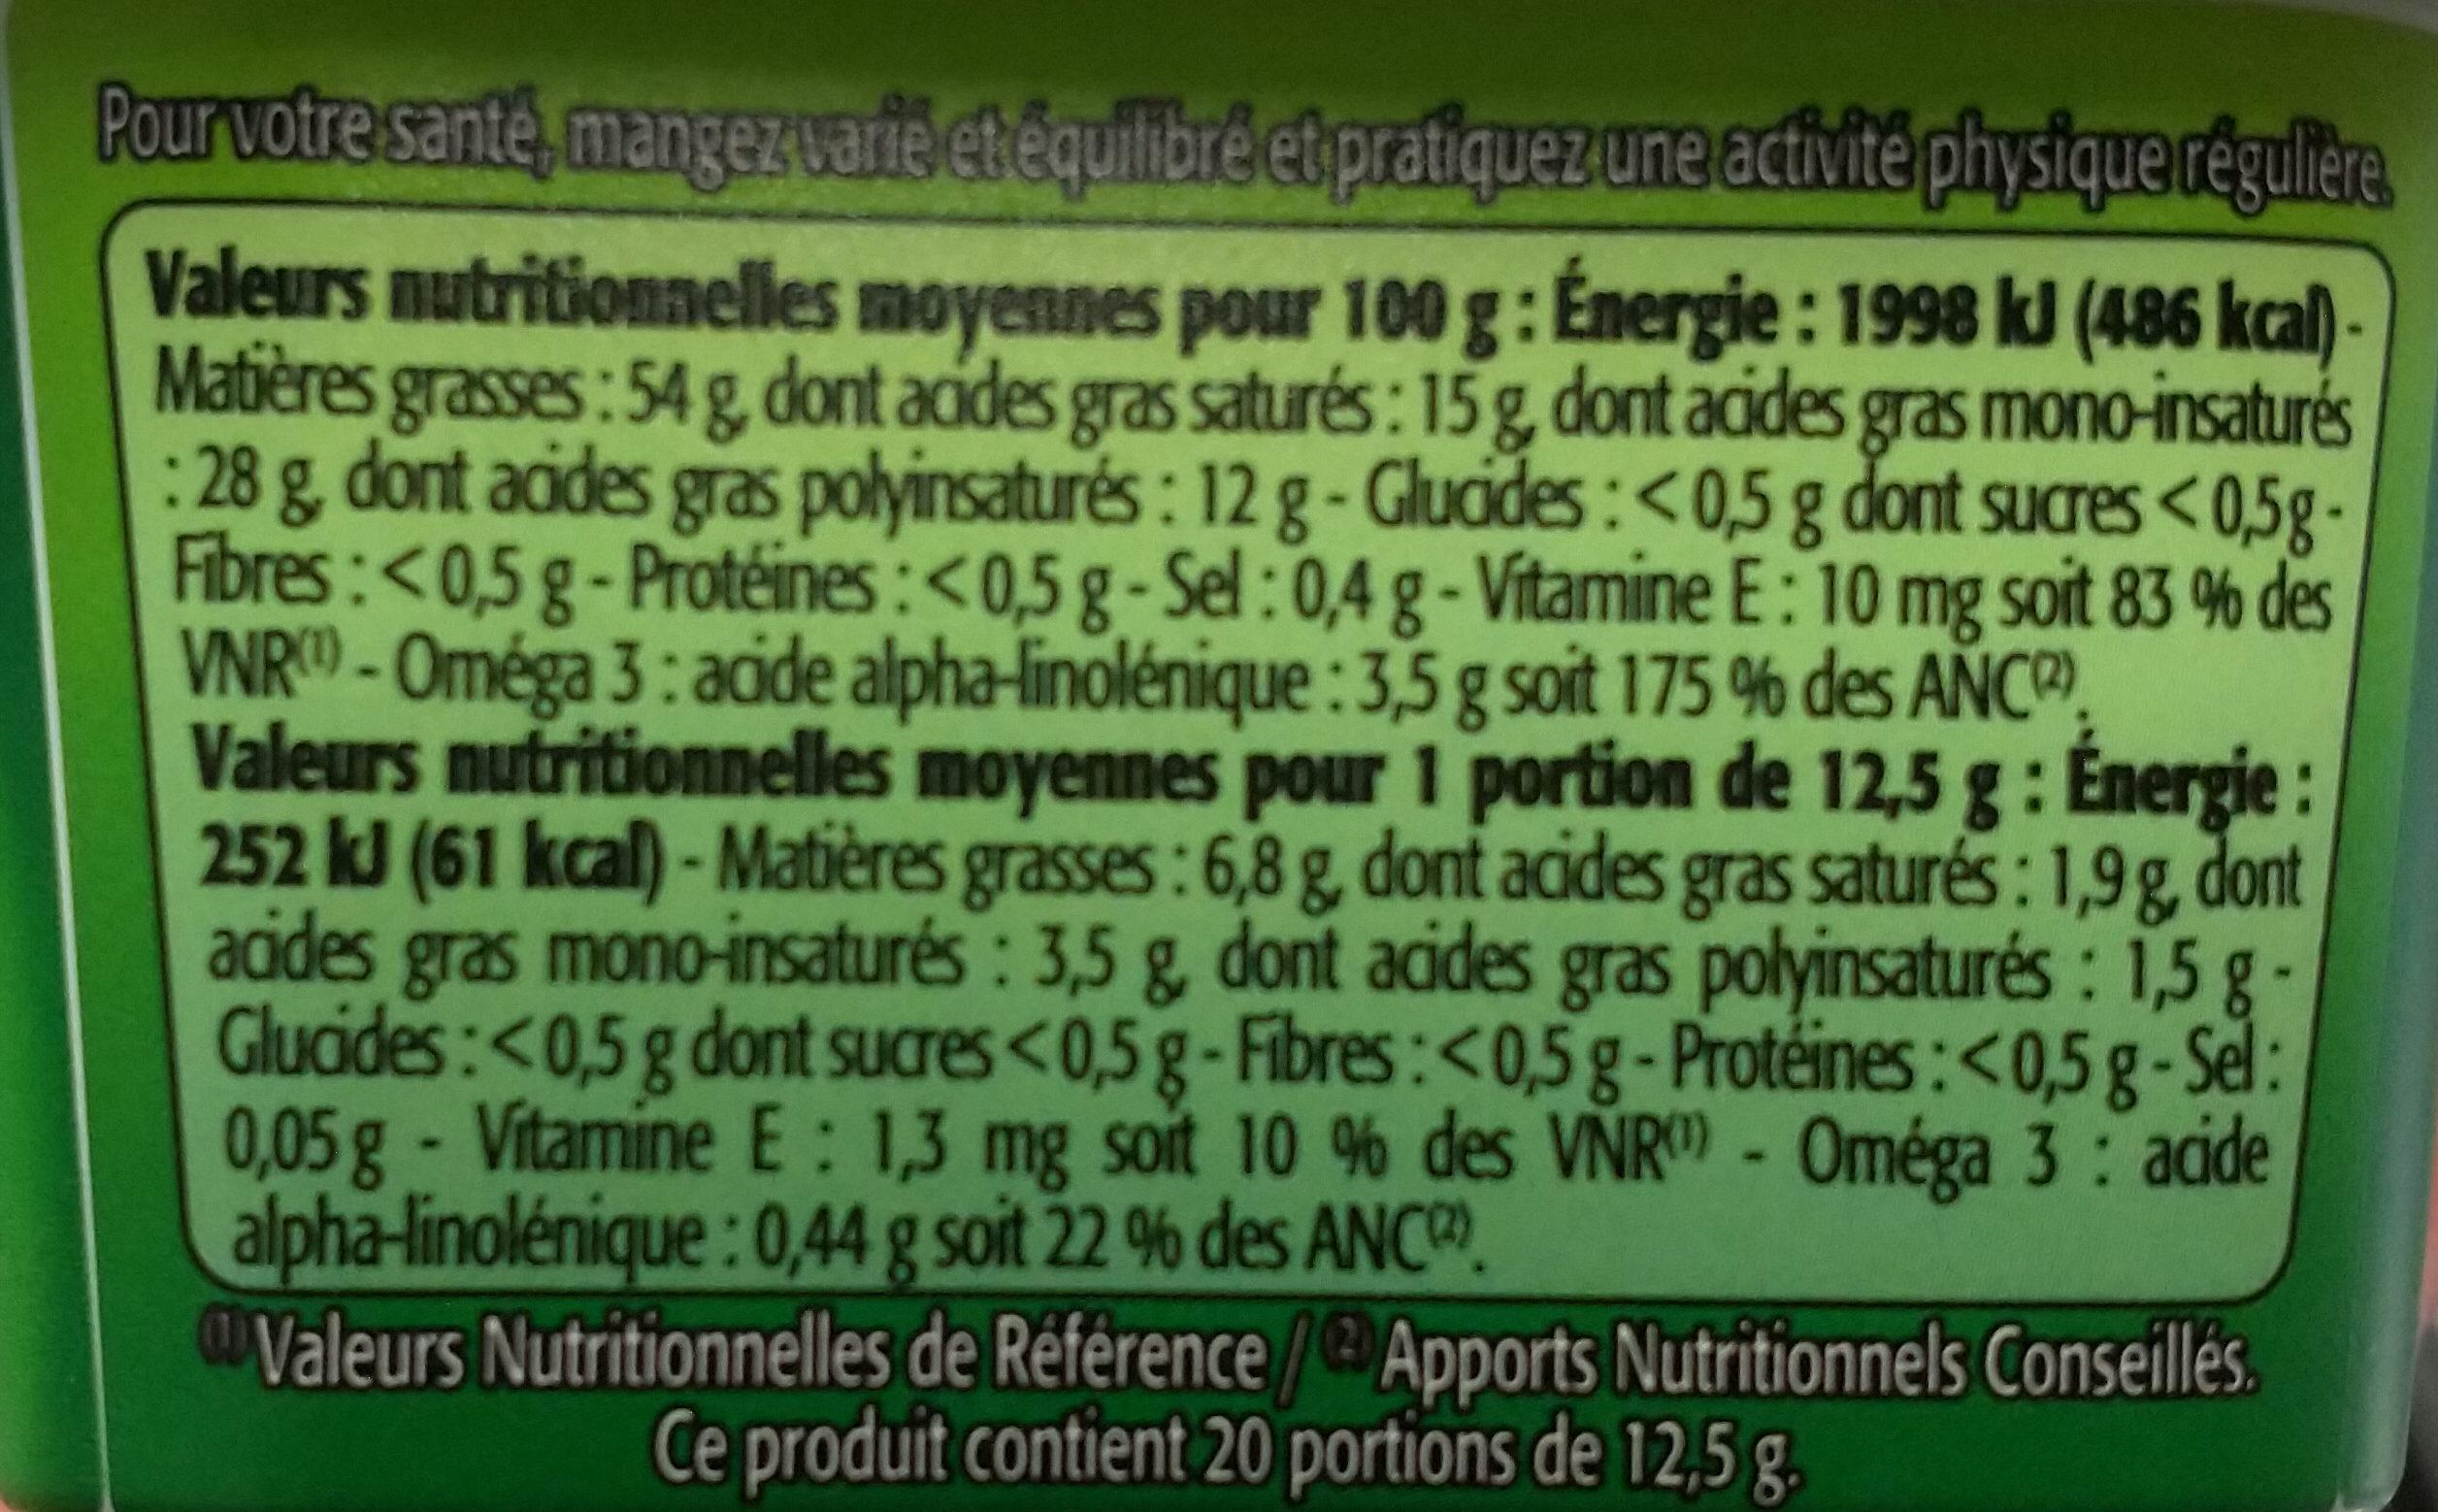 Riche en Oméga 3 - Tartine et Cuissonqui contribue au maintien d'un cholesterol normal - Nutrition facts - fr